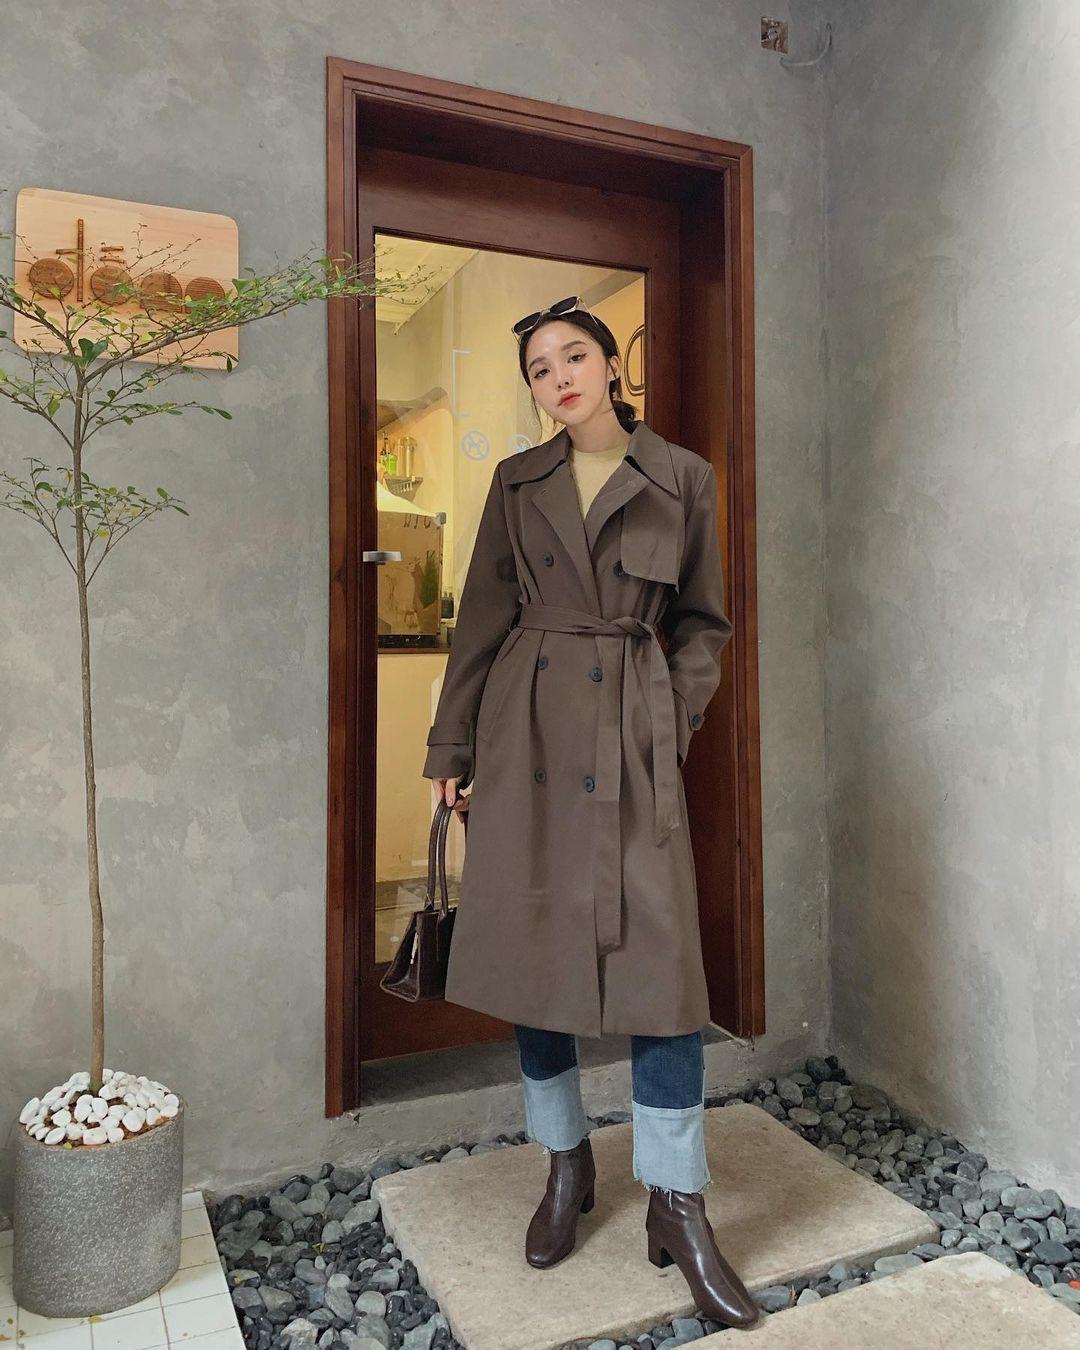 Sắm trench coat lúc này là đúng đắn nhất, lên đồ đơn giản cỡ nào cũng sang chảnh hay ho như gái Hàn - Ảnh 5.